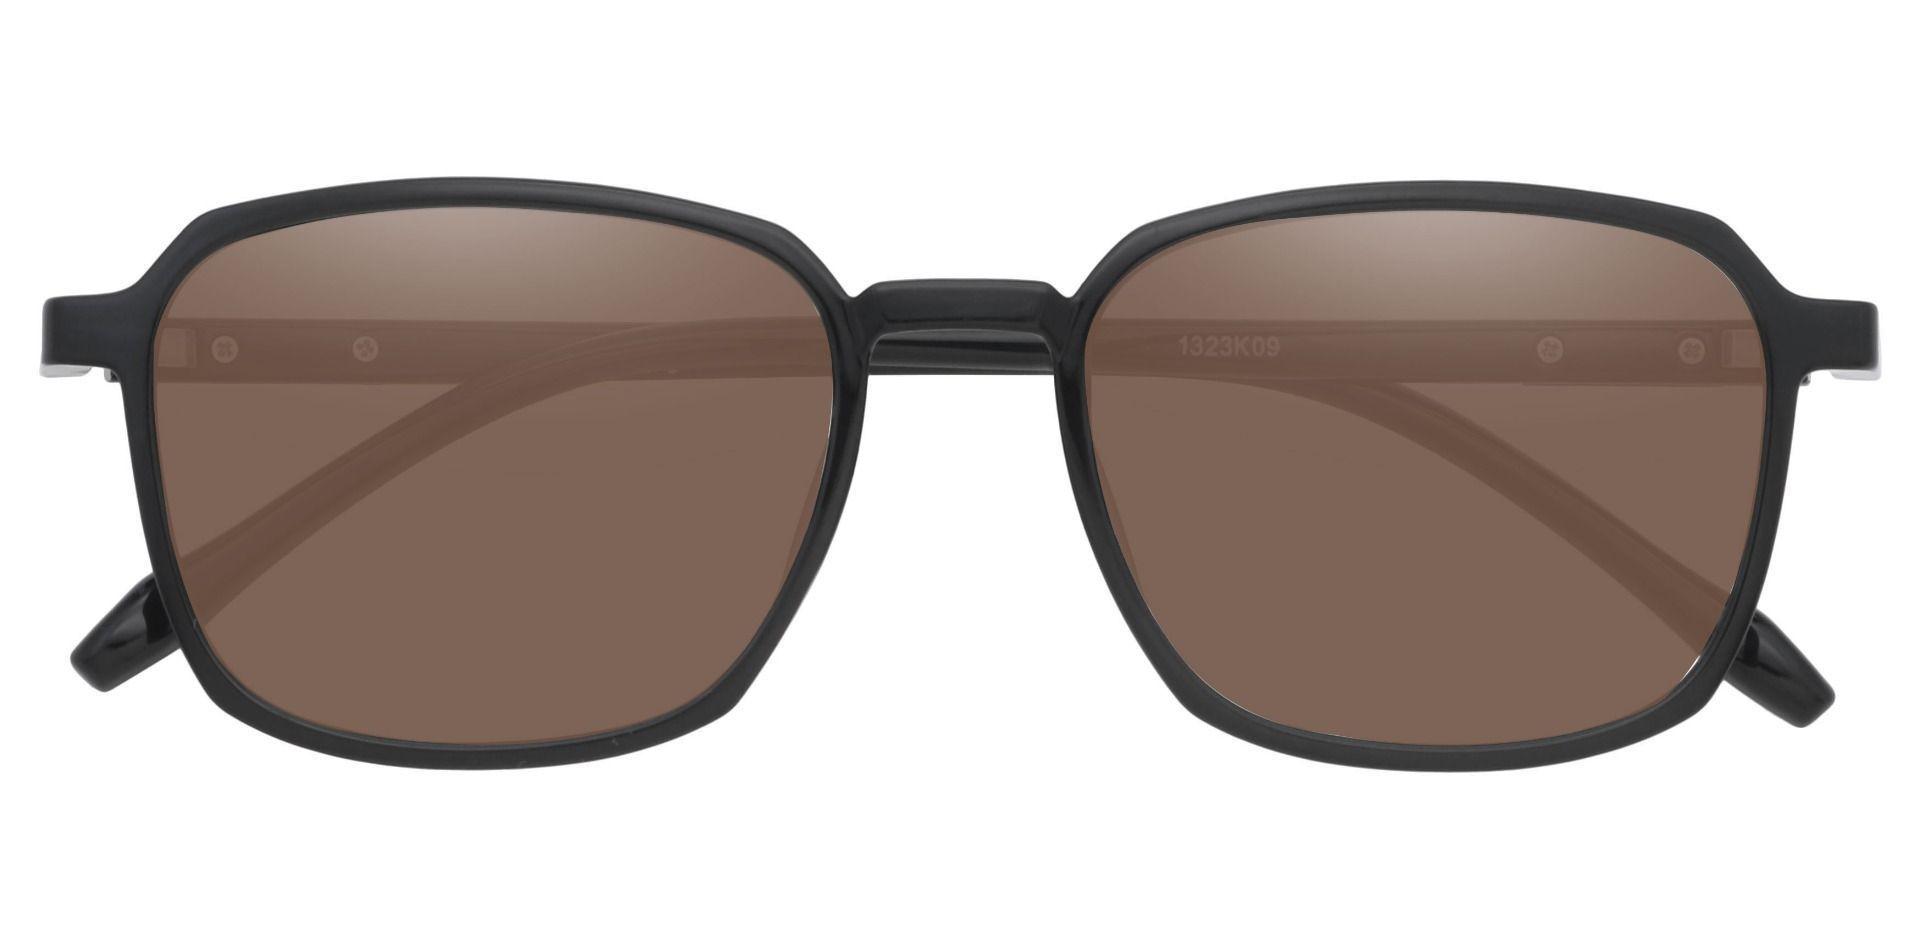 Stella Square Prescription Sunglasses - Black Frame With Brown Lenses